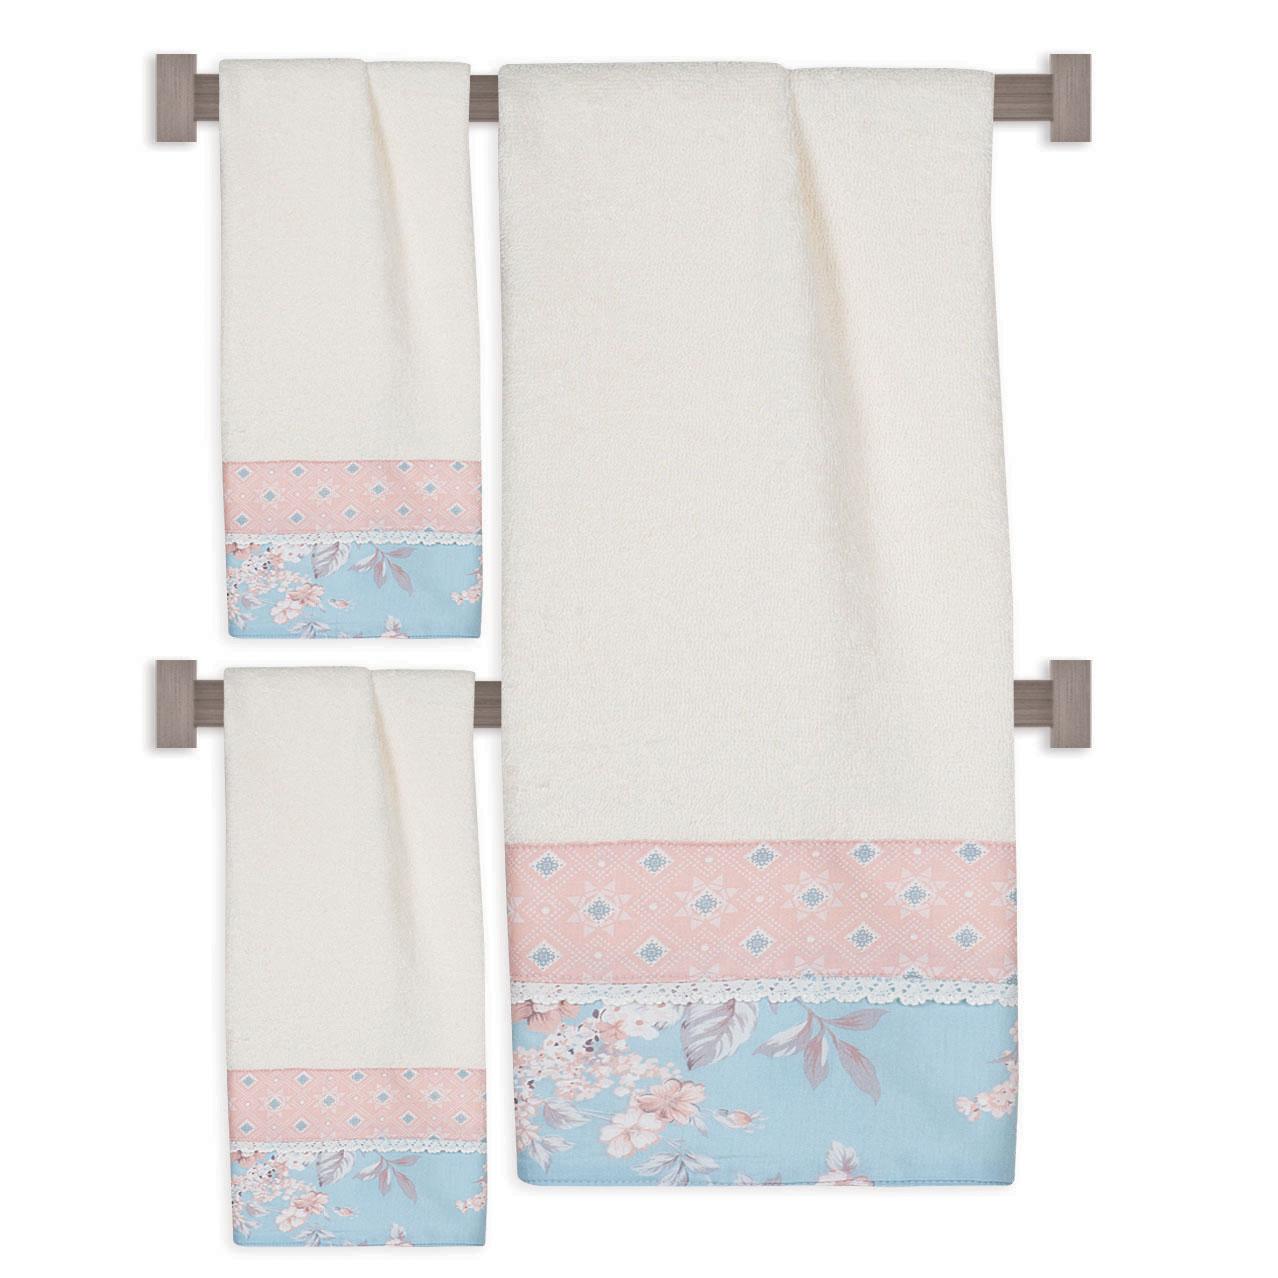 Σετ πετσέτες Prestige Towels Embroidery 276, Das Home (Λευκό, ΣΕΤ 3 ΤΕΜ) last items   μπάνιο